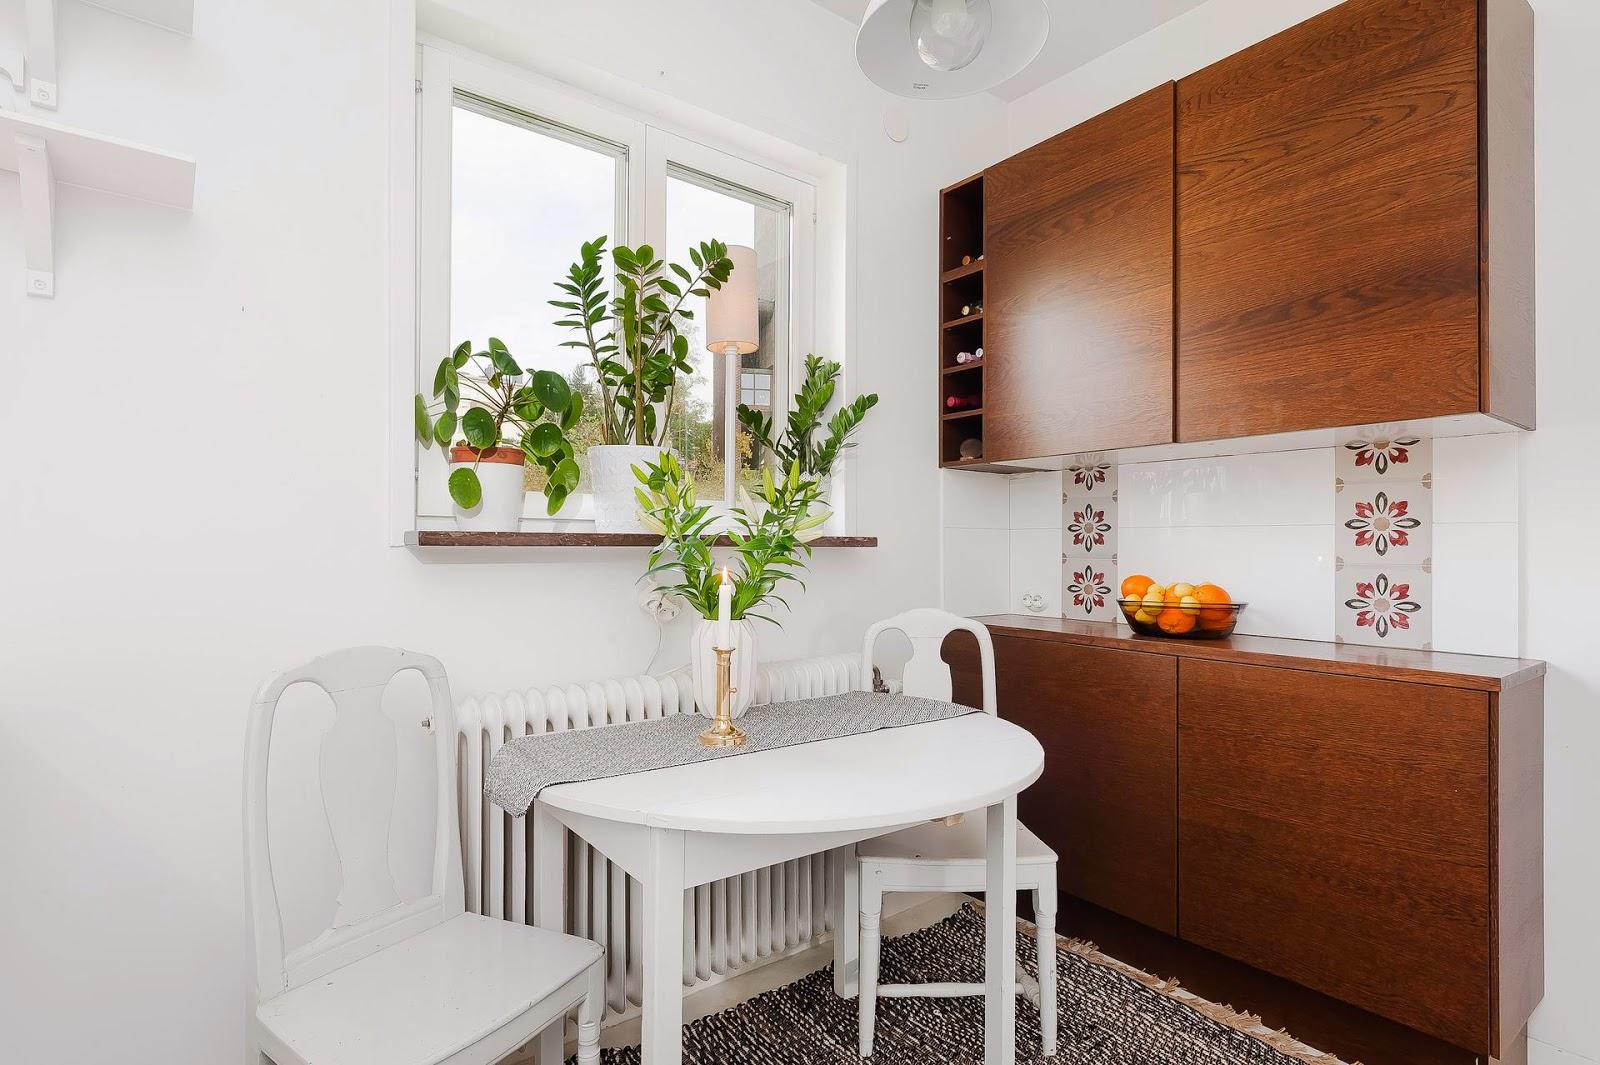 Однокомнатная квартира с маленькой кухней в стиле минимализм